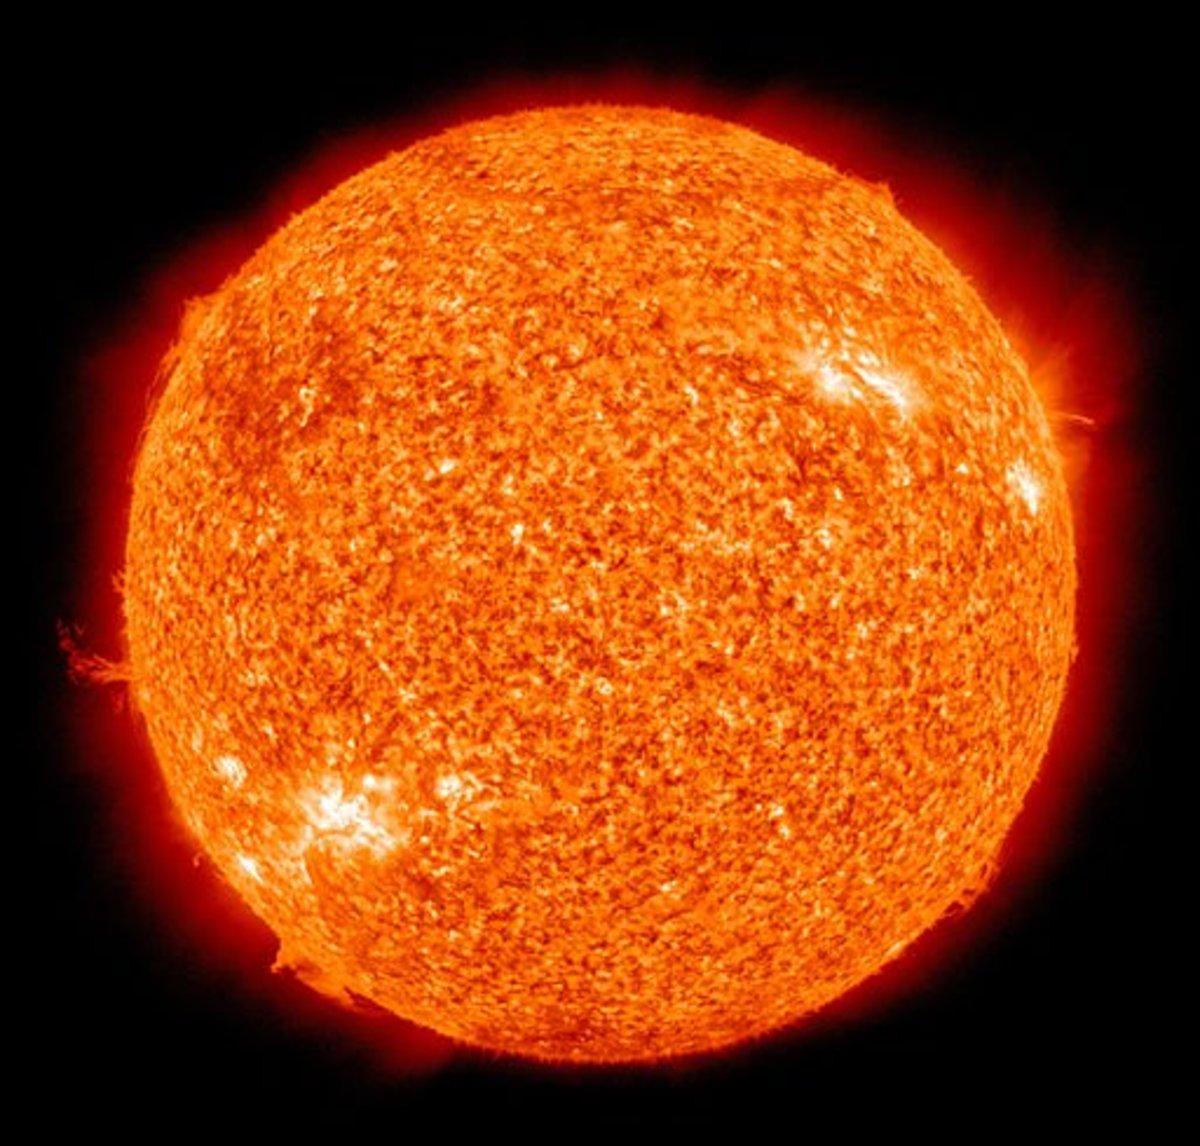 The Sun; a yellow dwarf star.